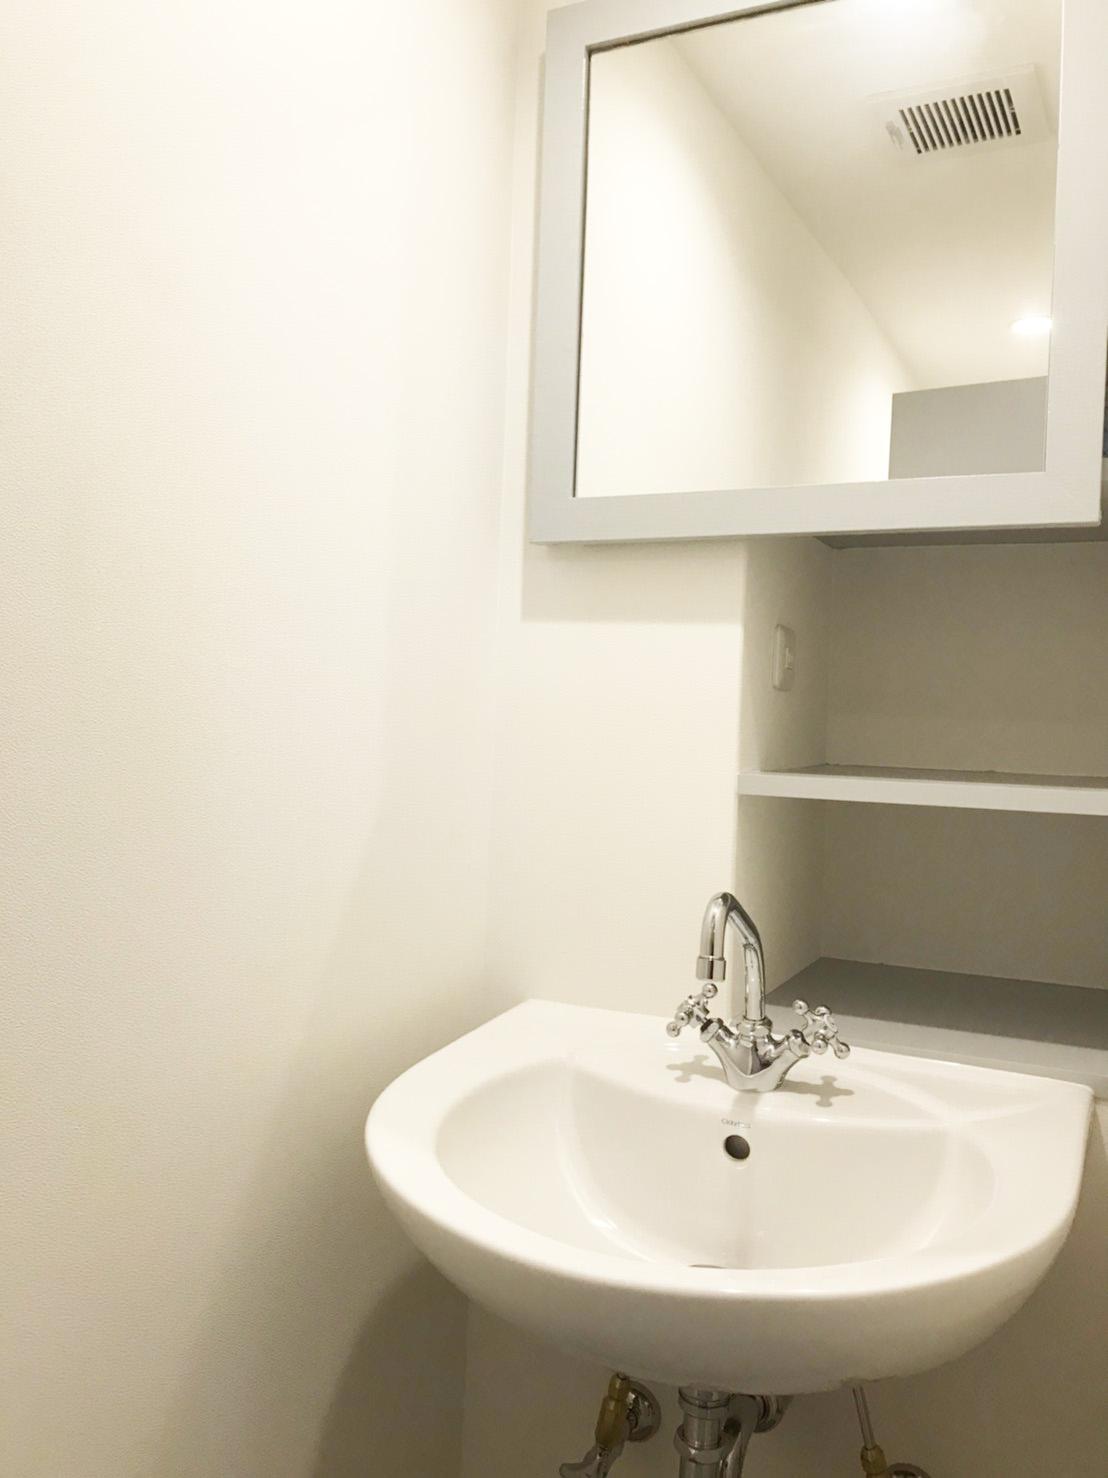 洗面鏡の棚は案外奥行きがあり荷物もゆとり。<br /> 鏡の奥は窓になっているので、空気も通ります。